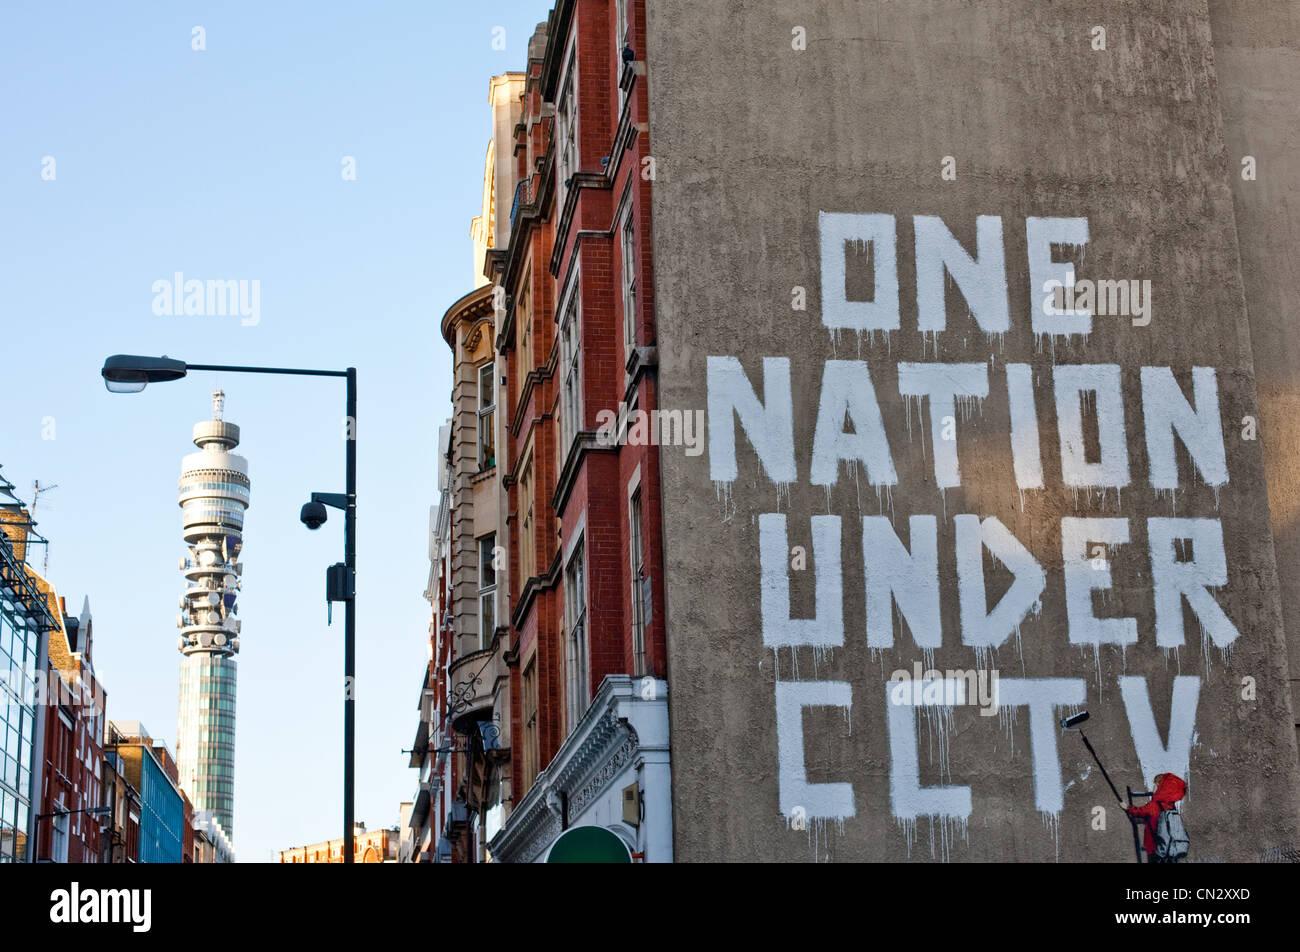 Graffiti on wall, London, England - Stock Image